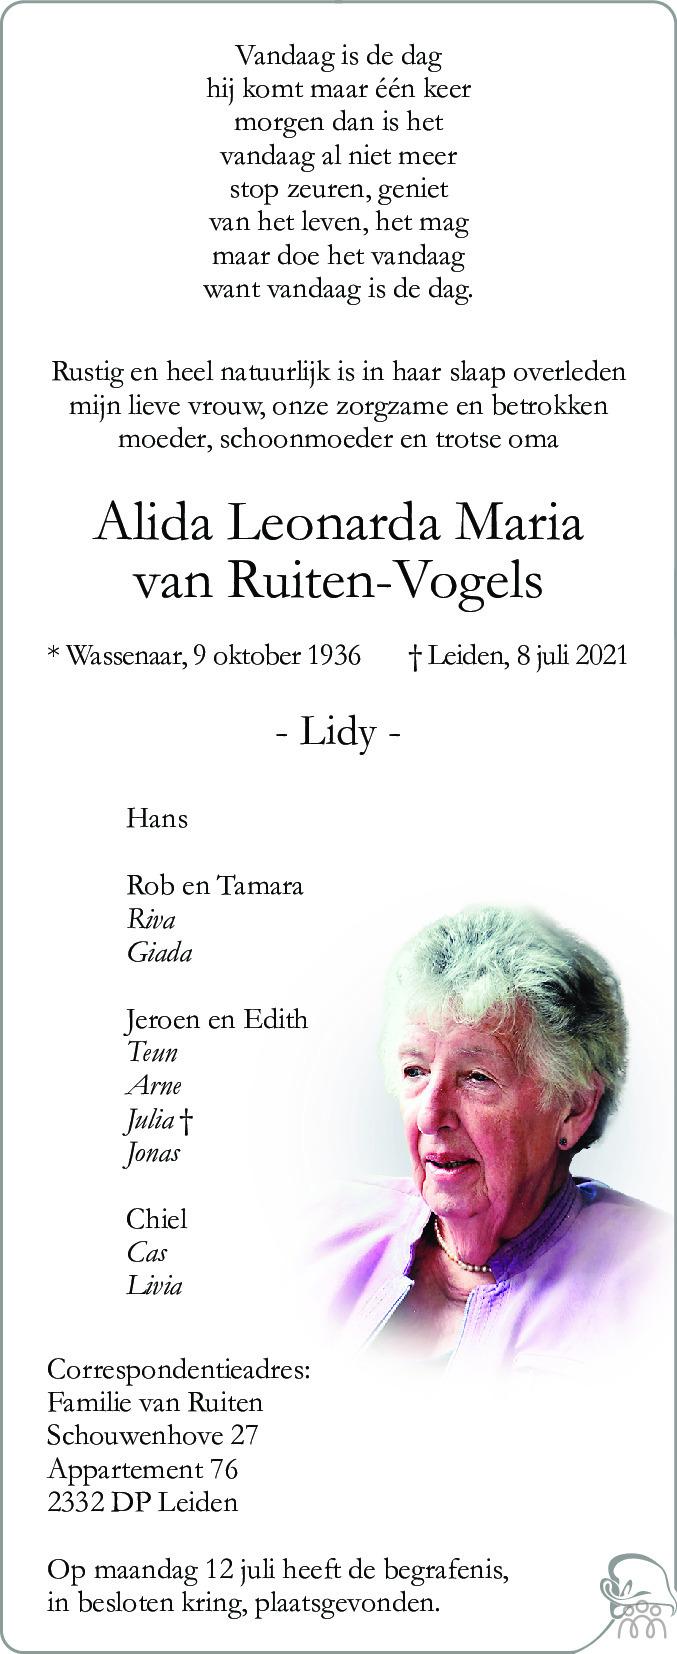 Overlijdensbericht van Alida Leonarda Maria van Ruiten-Vogels in Leidsch Dagblad